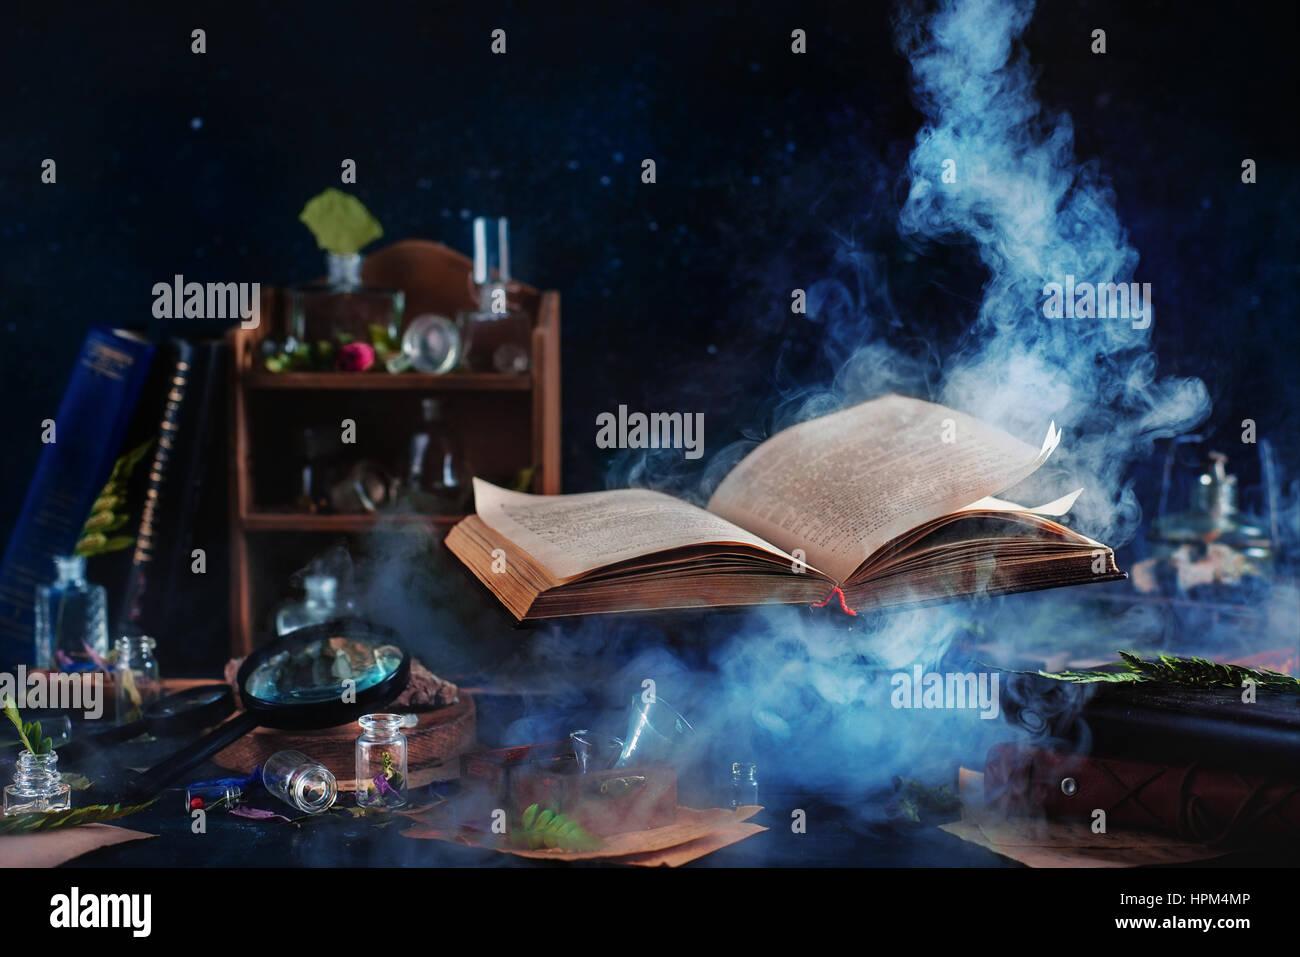 Bodegón con levitar libro de hechizos, frascos y botellas sobre un fondo oscuro con aumento de humo místico Imagen De Stock